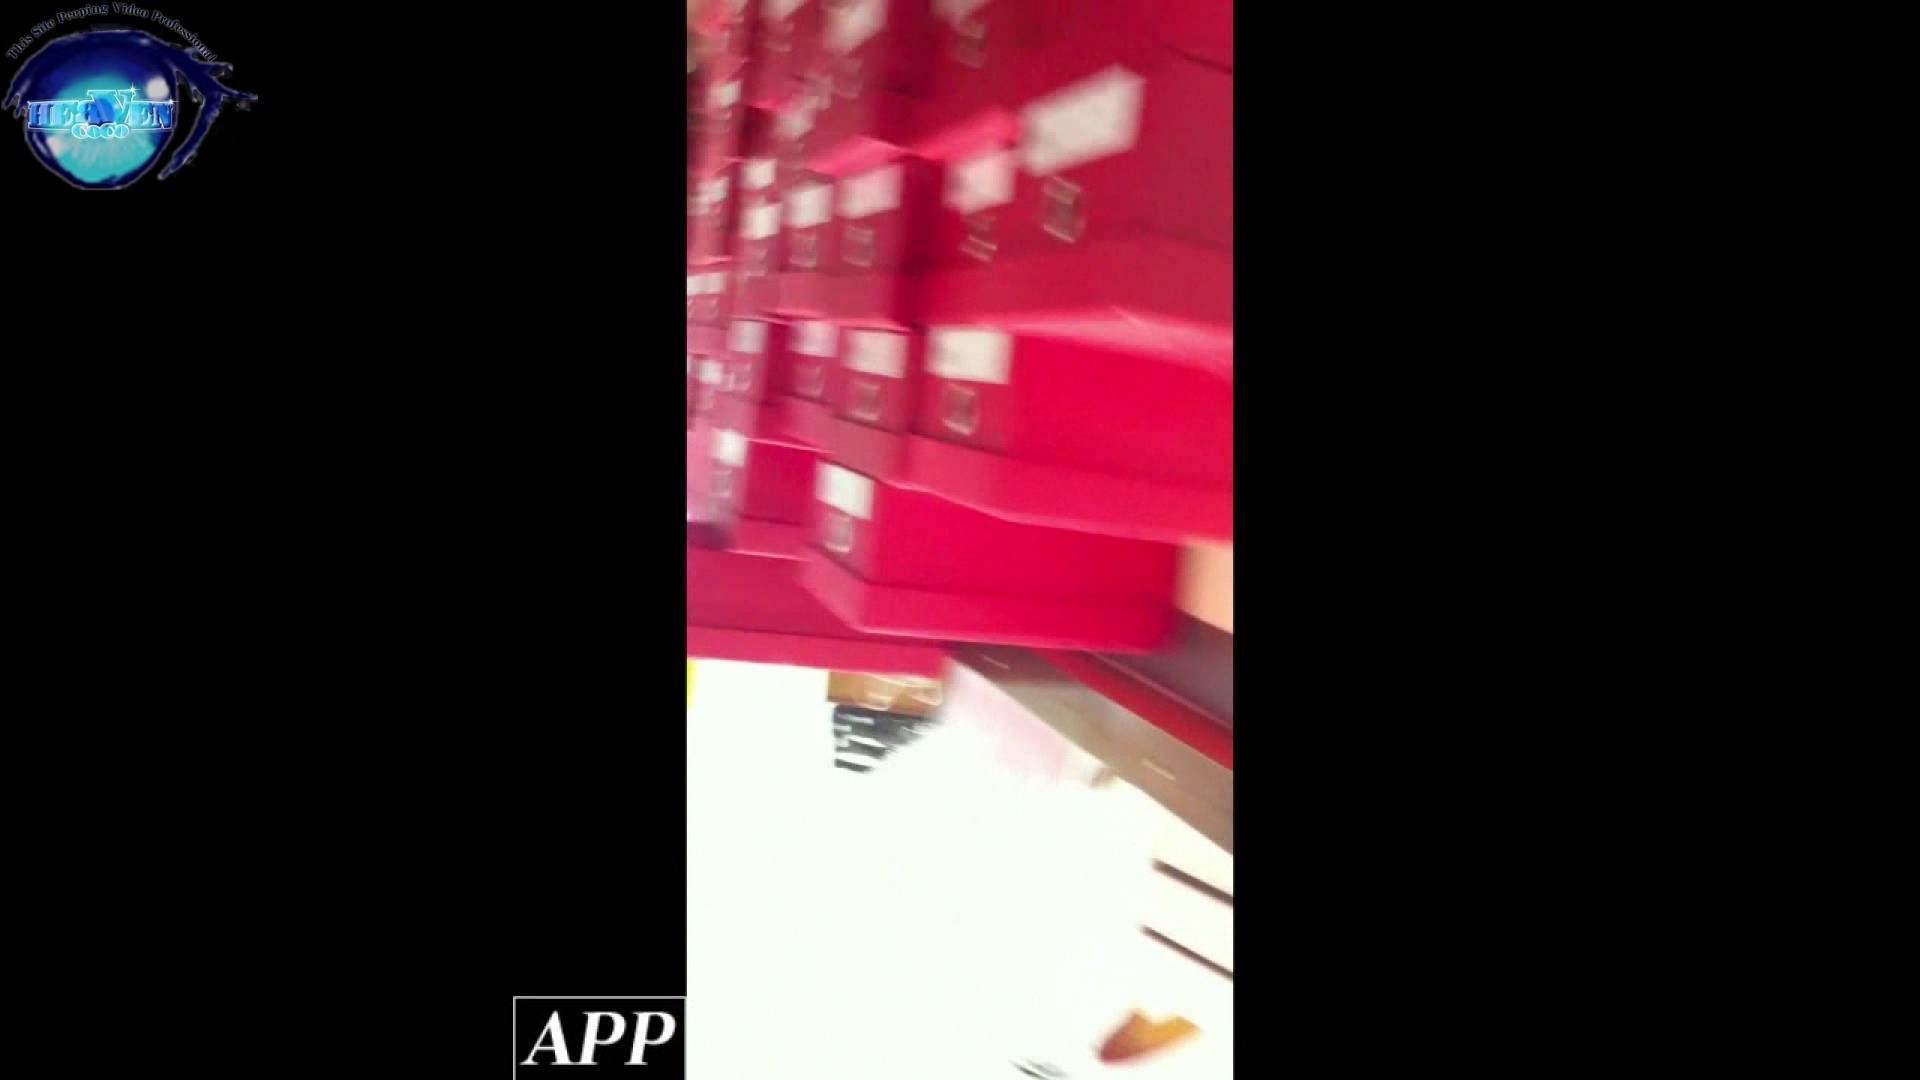 ハイビジョン盗撮!ショップ店員千人斬り!胸チラ編 vol.48 OLエロ画像 | チラ  65PICs 7